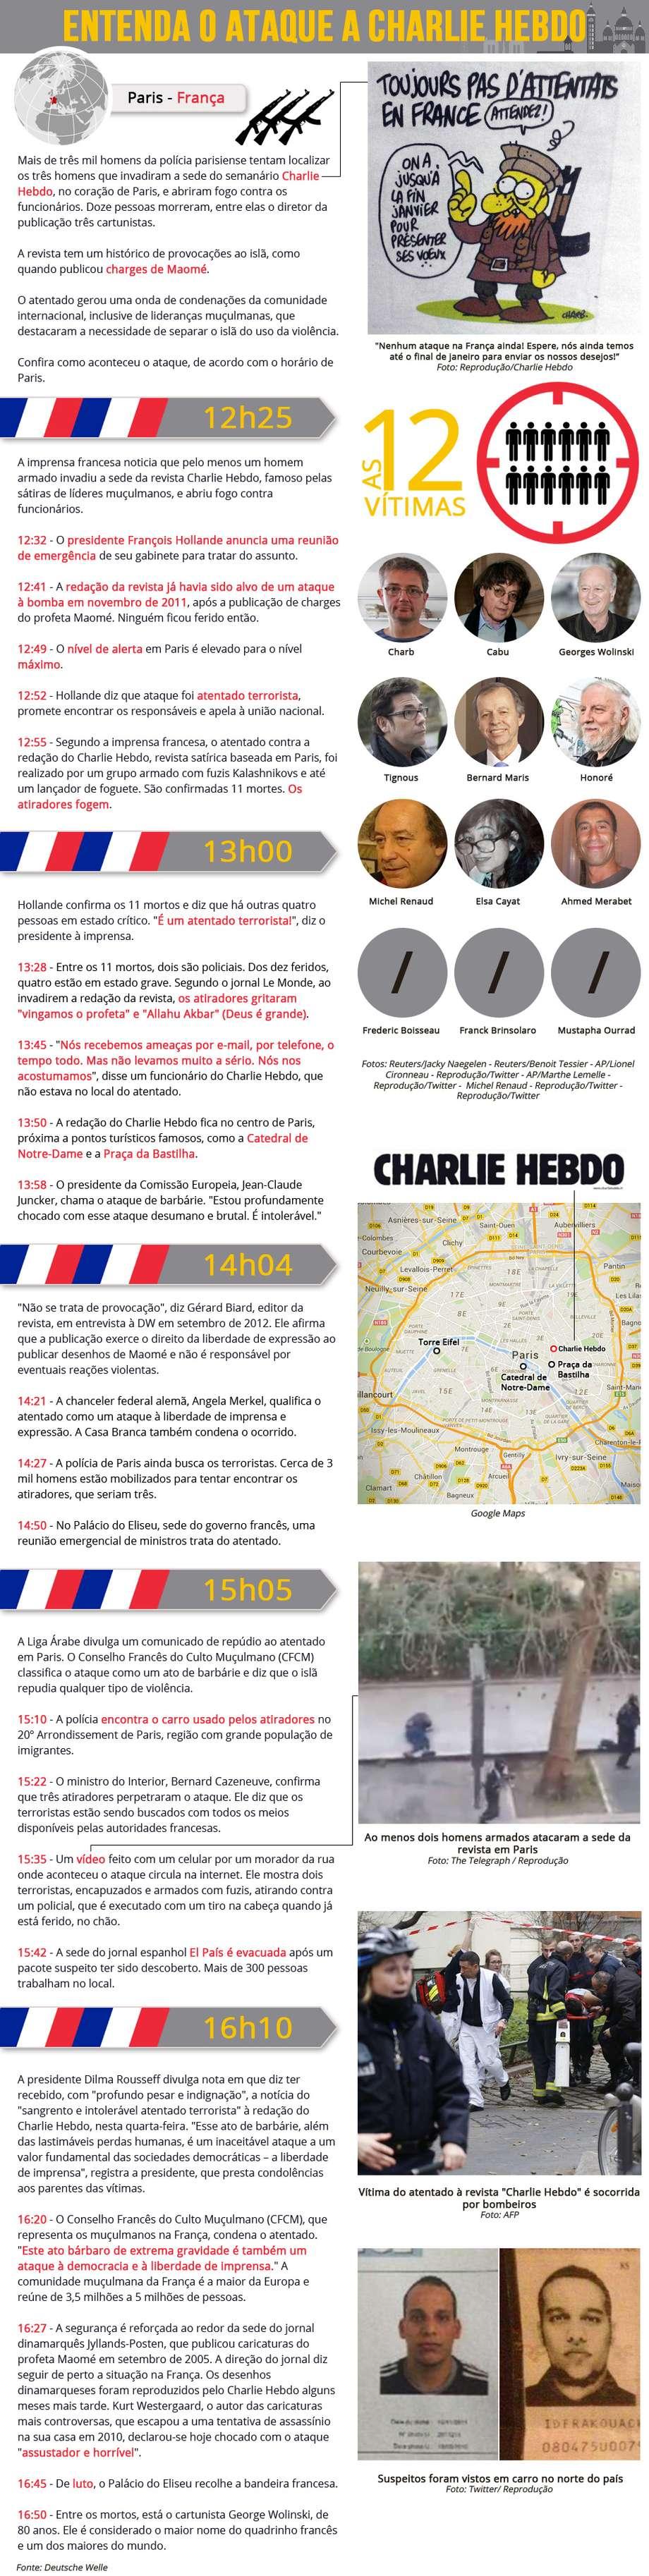 França / Paris: Atentado terrorista terminou com 12 mortes – Veja com foi